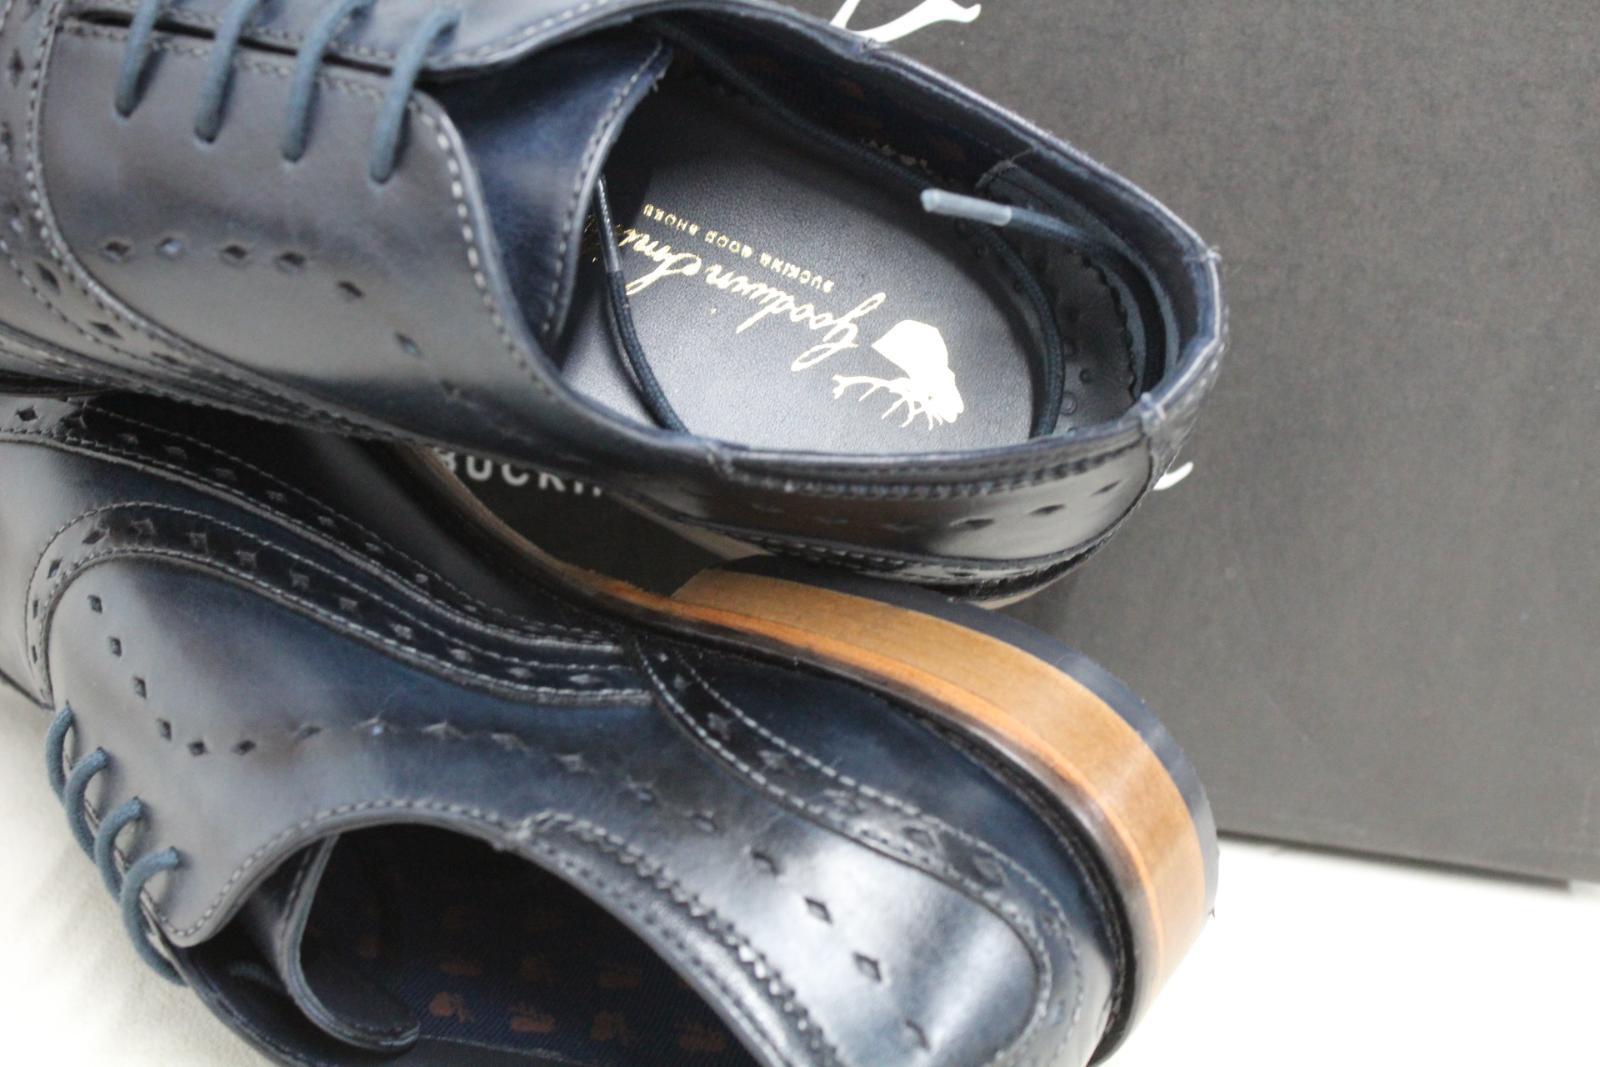 GOODWIN-para-hombre-Azul-Marino-Bowland-SMITH-Cuero-Oxford-Zapatos-UK-7-EU41-Nuevo miniatura 8